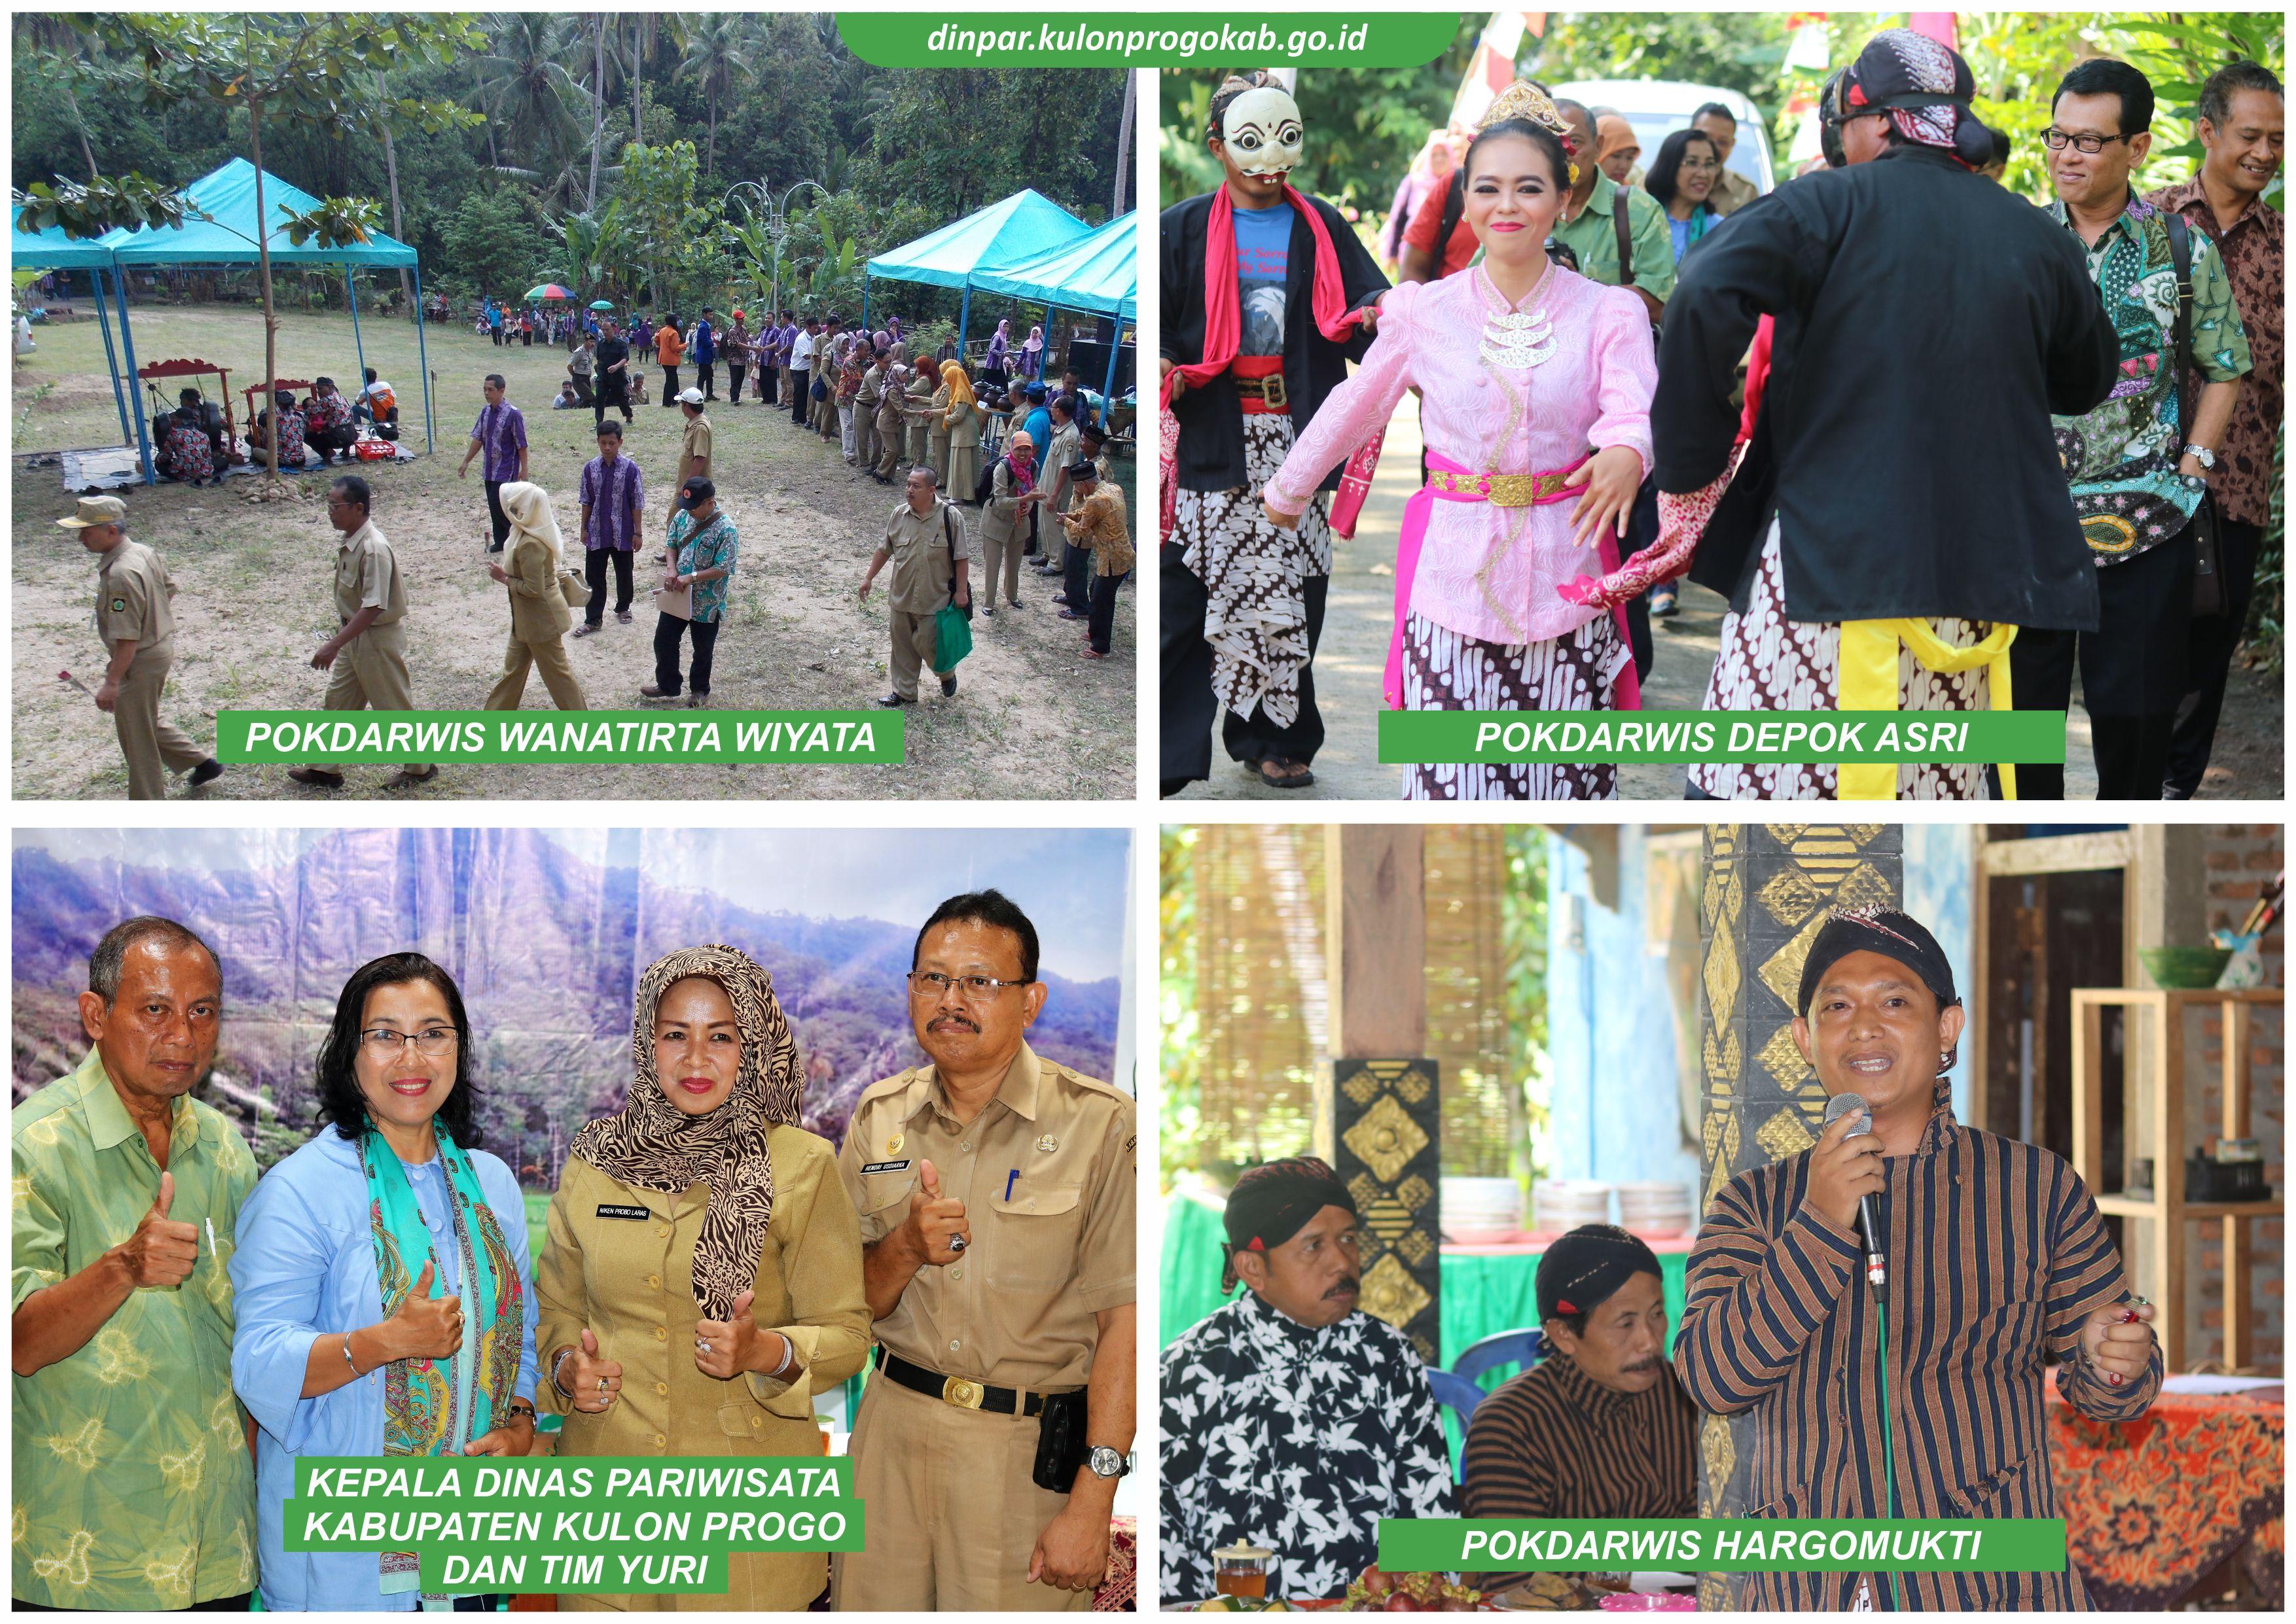 EVALUASI DAN LOMBA POKDARWIS DIY 2018 Di Kab. Kulon Progo